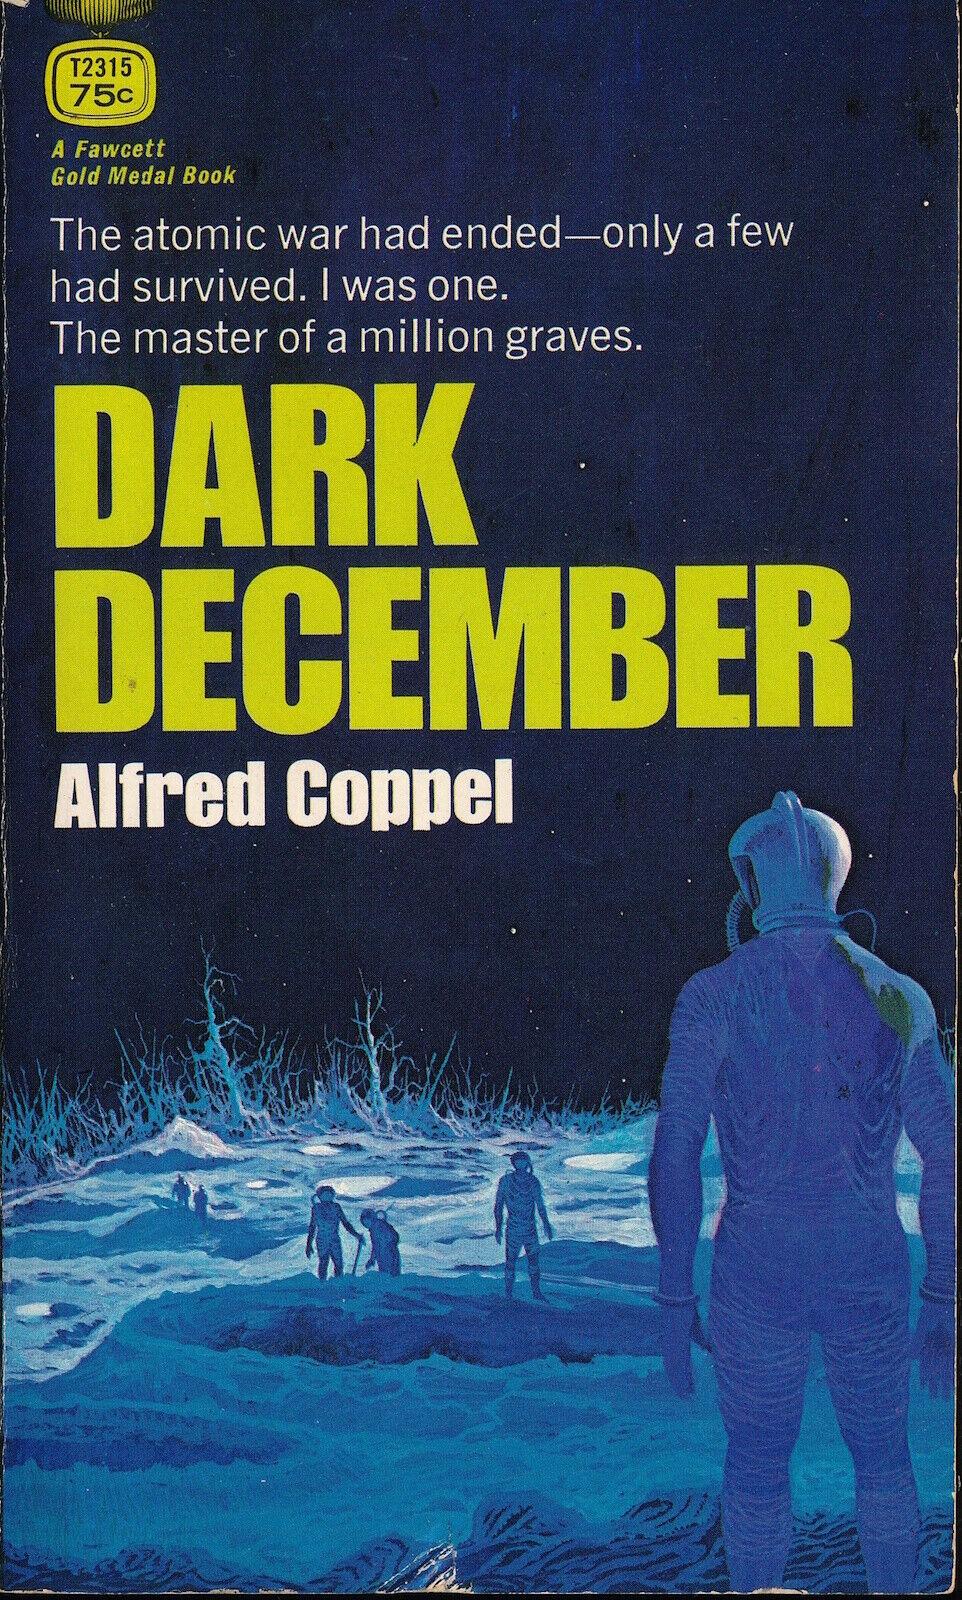 DARK DECEMBER Alfred Coppel GOLD MEDAL T2315 1970 VG Space Paperback 127009 - $8.00